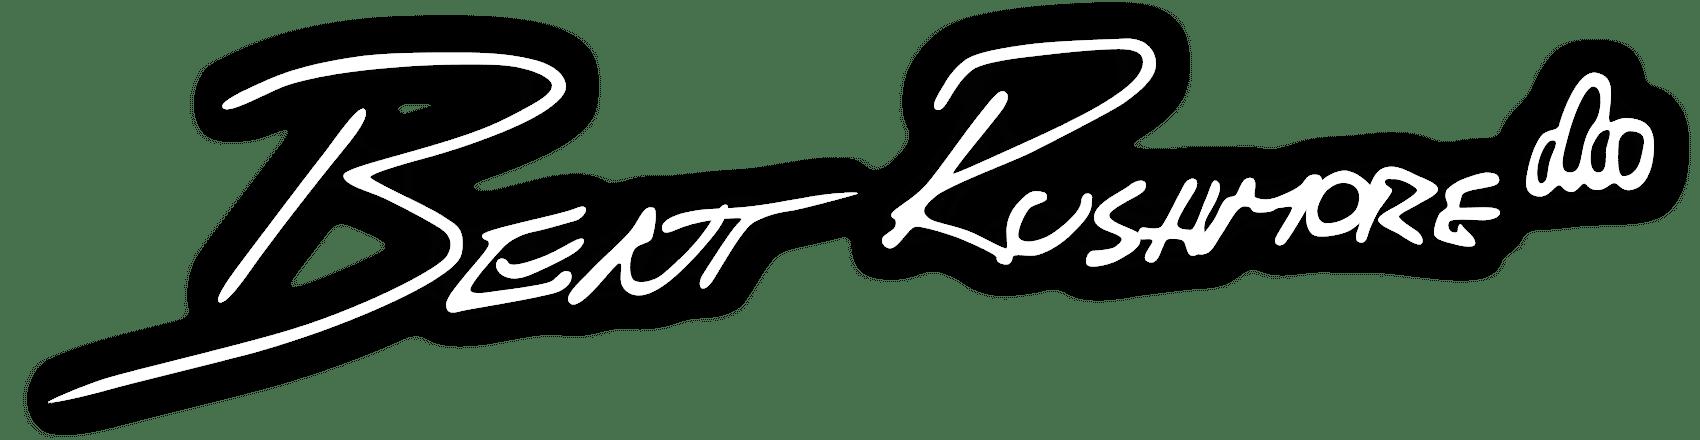 Bent Rushmore